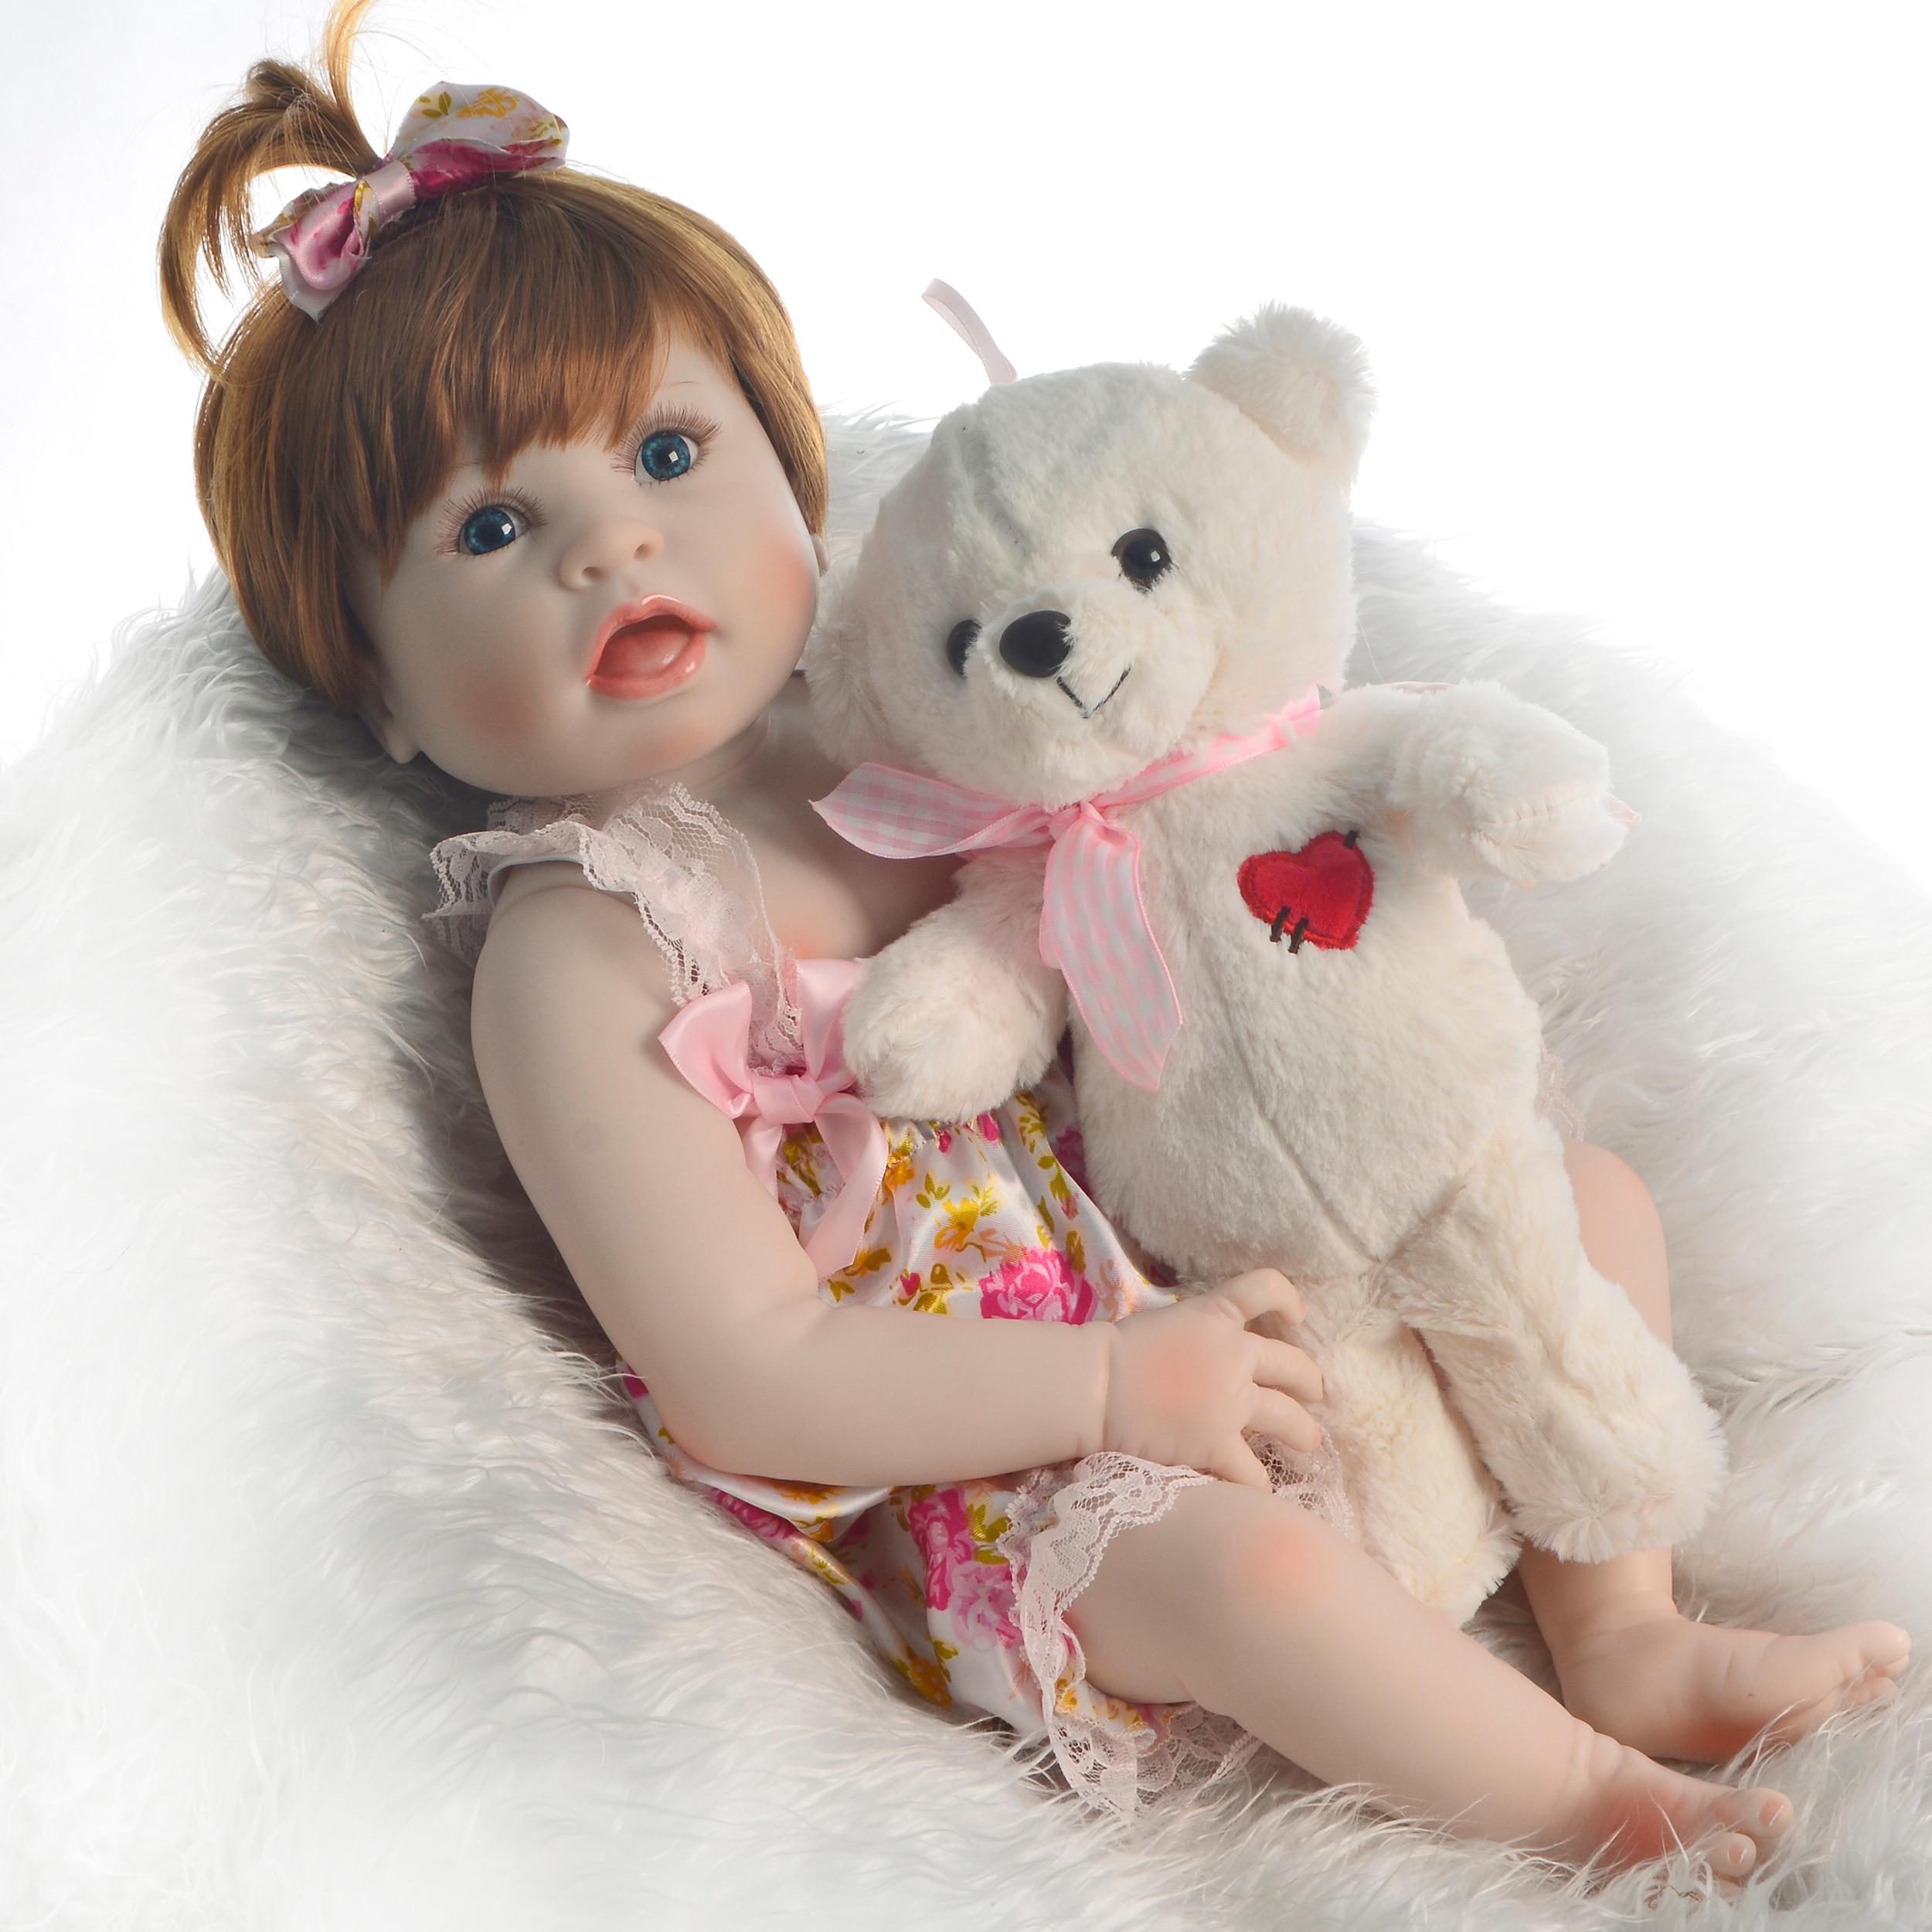 Ręcznie Reborn lalki dla dzieci zabawki 23 ''57 cm pełna silikon winylowe ciała symulacja Reborn dzieci moda noworodka lalki dla dzieci prezent na boże narodzenie w Lalki od Zabawki i hobby na  Grupa 3